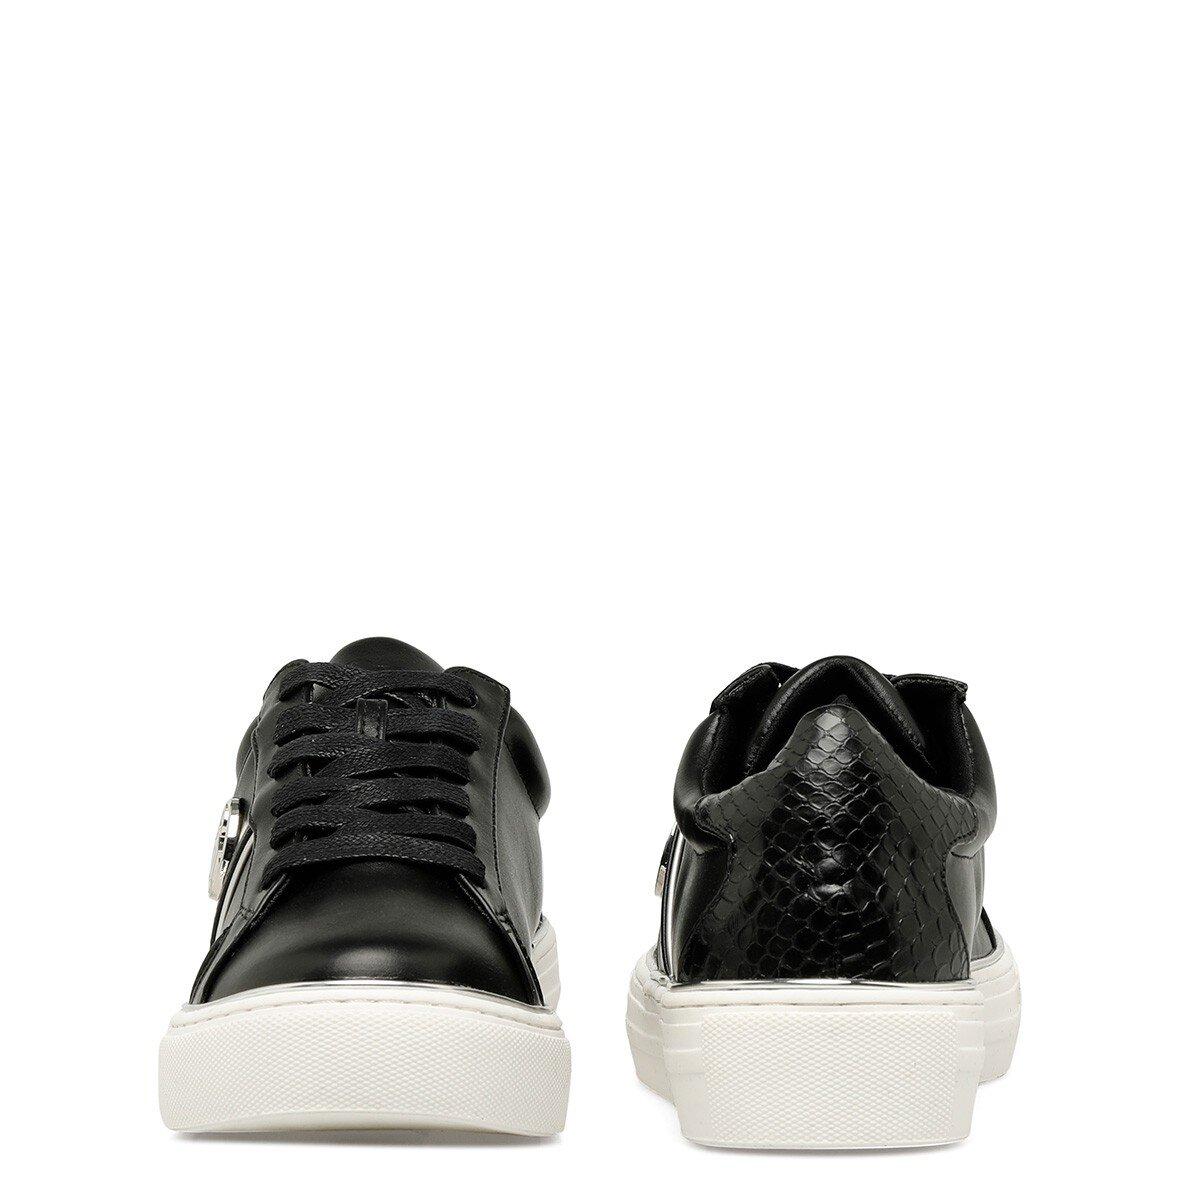 PATERSON 1FX Siyah Kadın Spor Ayakkabı